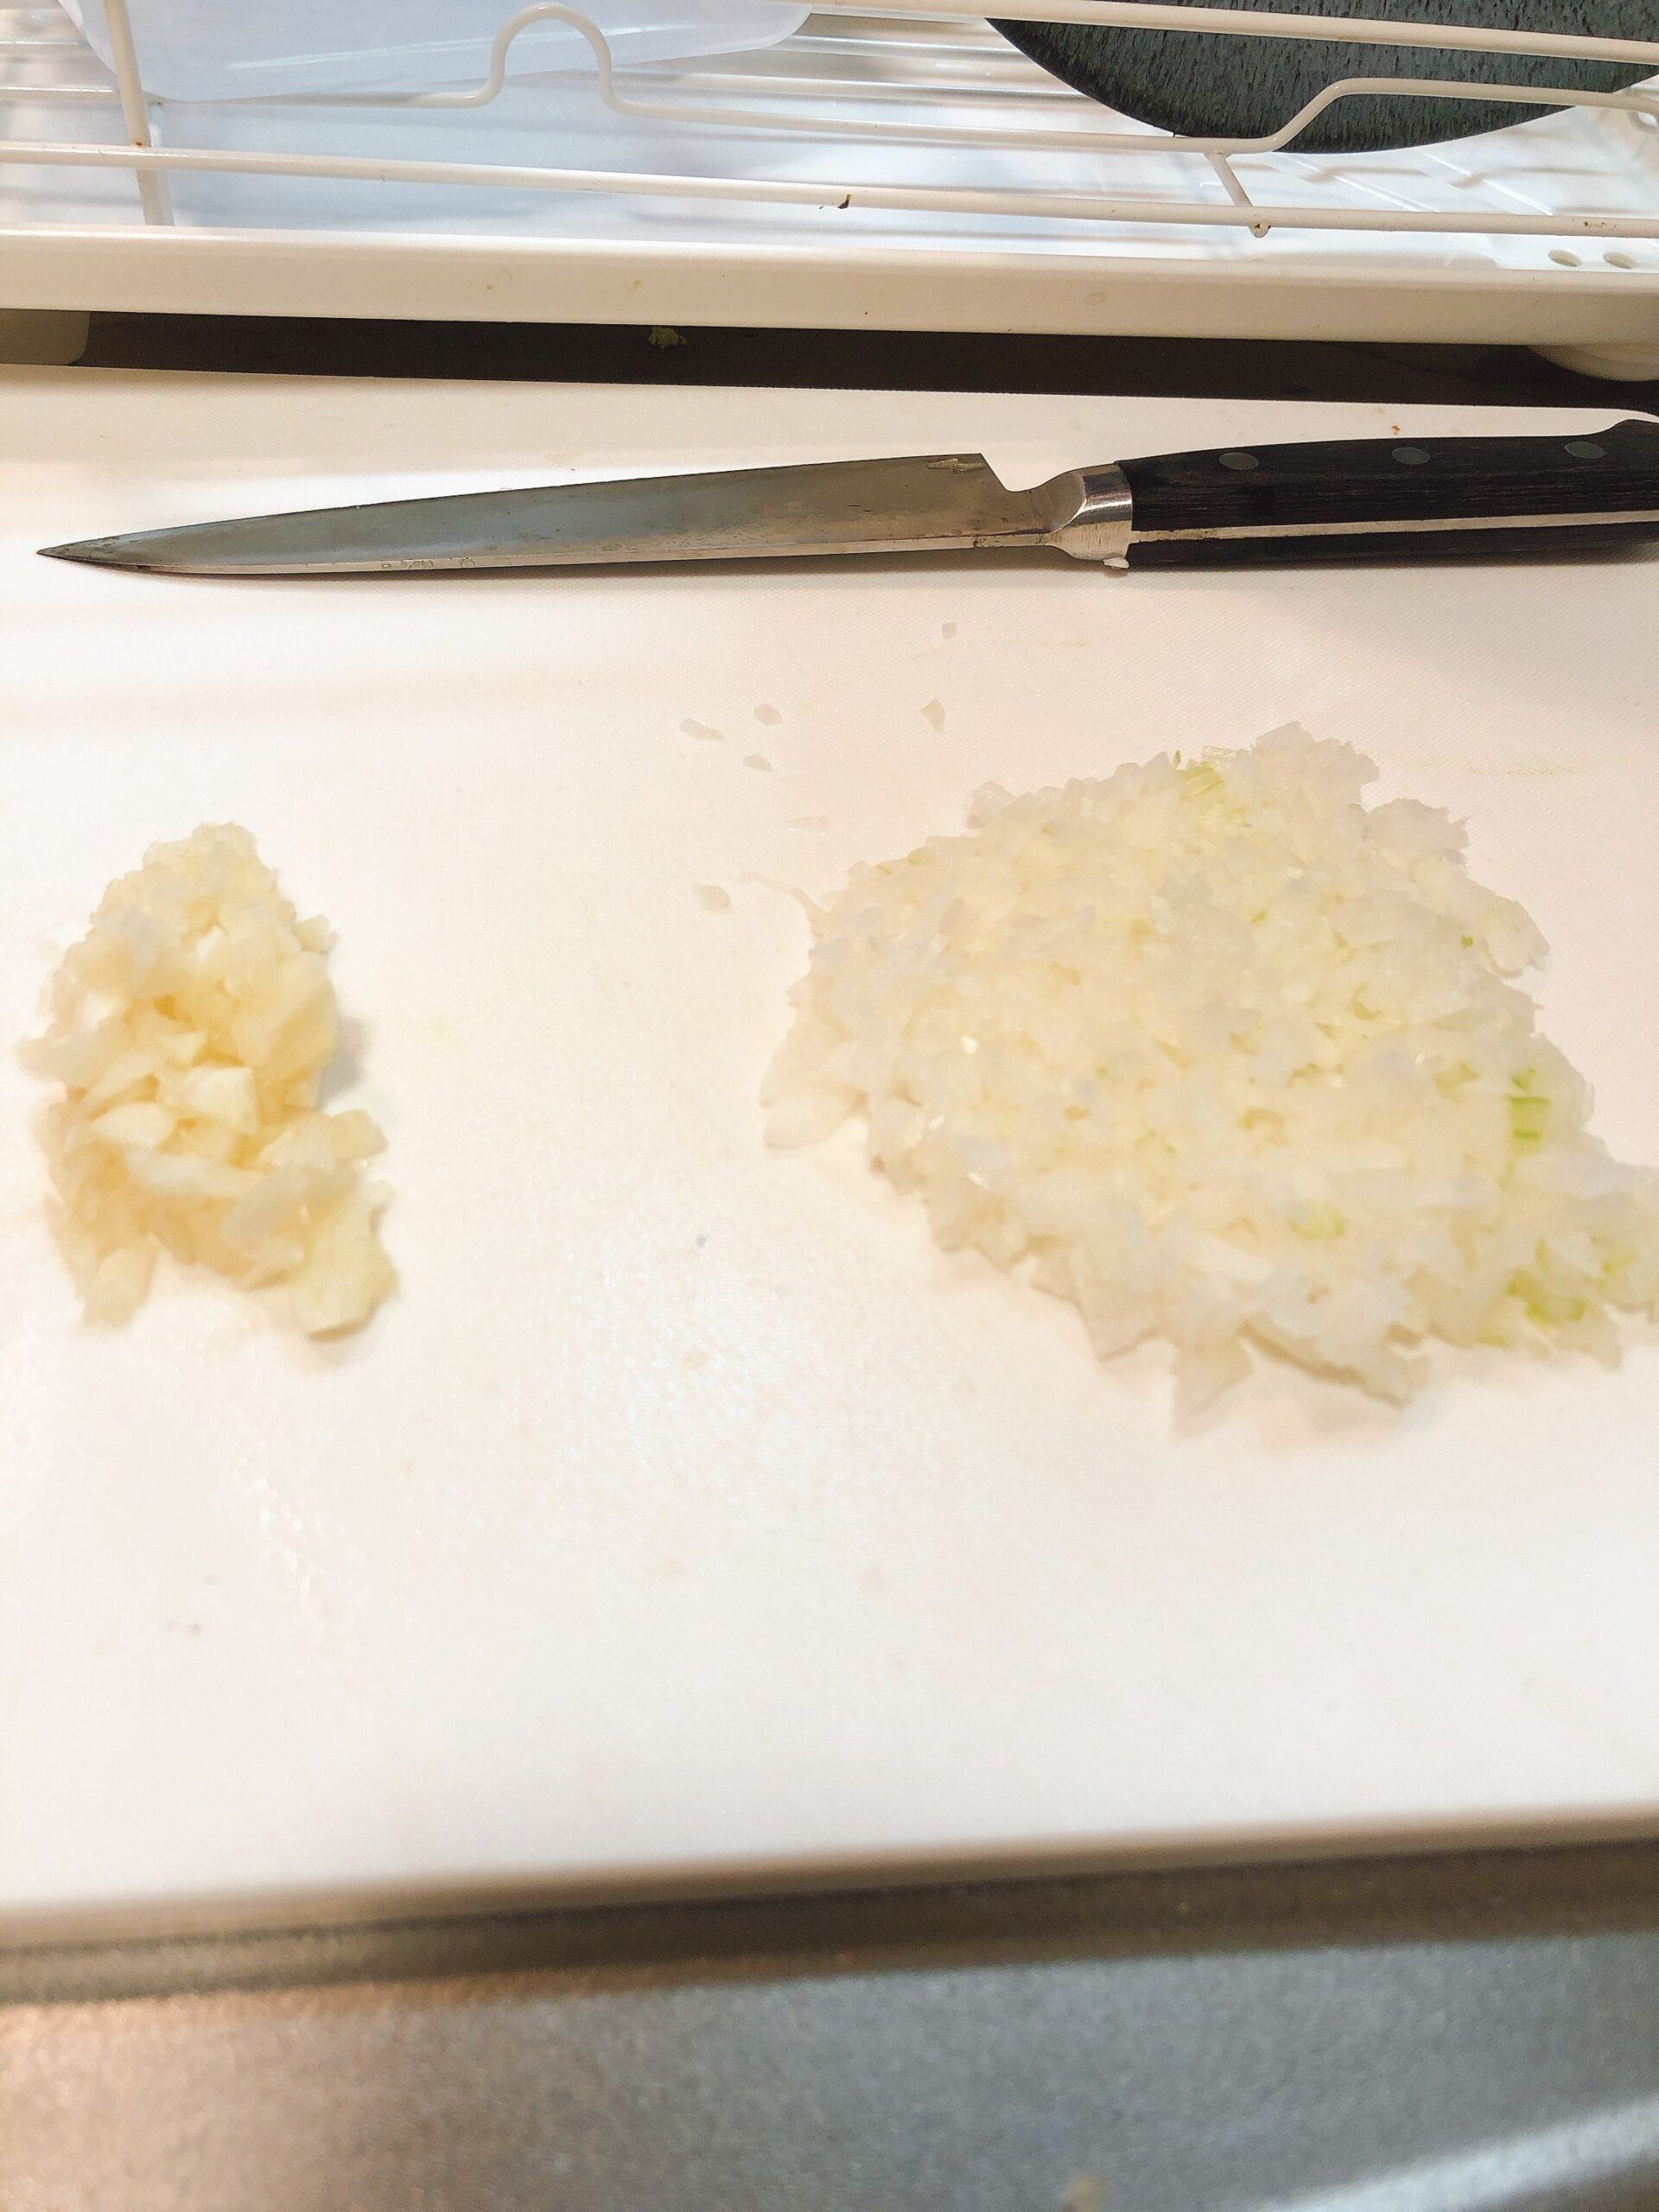 みじん切りにしたニンニクと玉ねぎの画像です